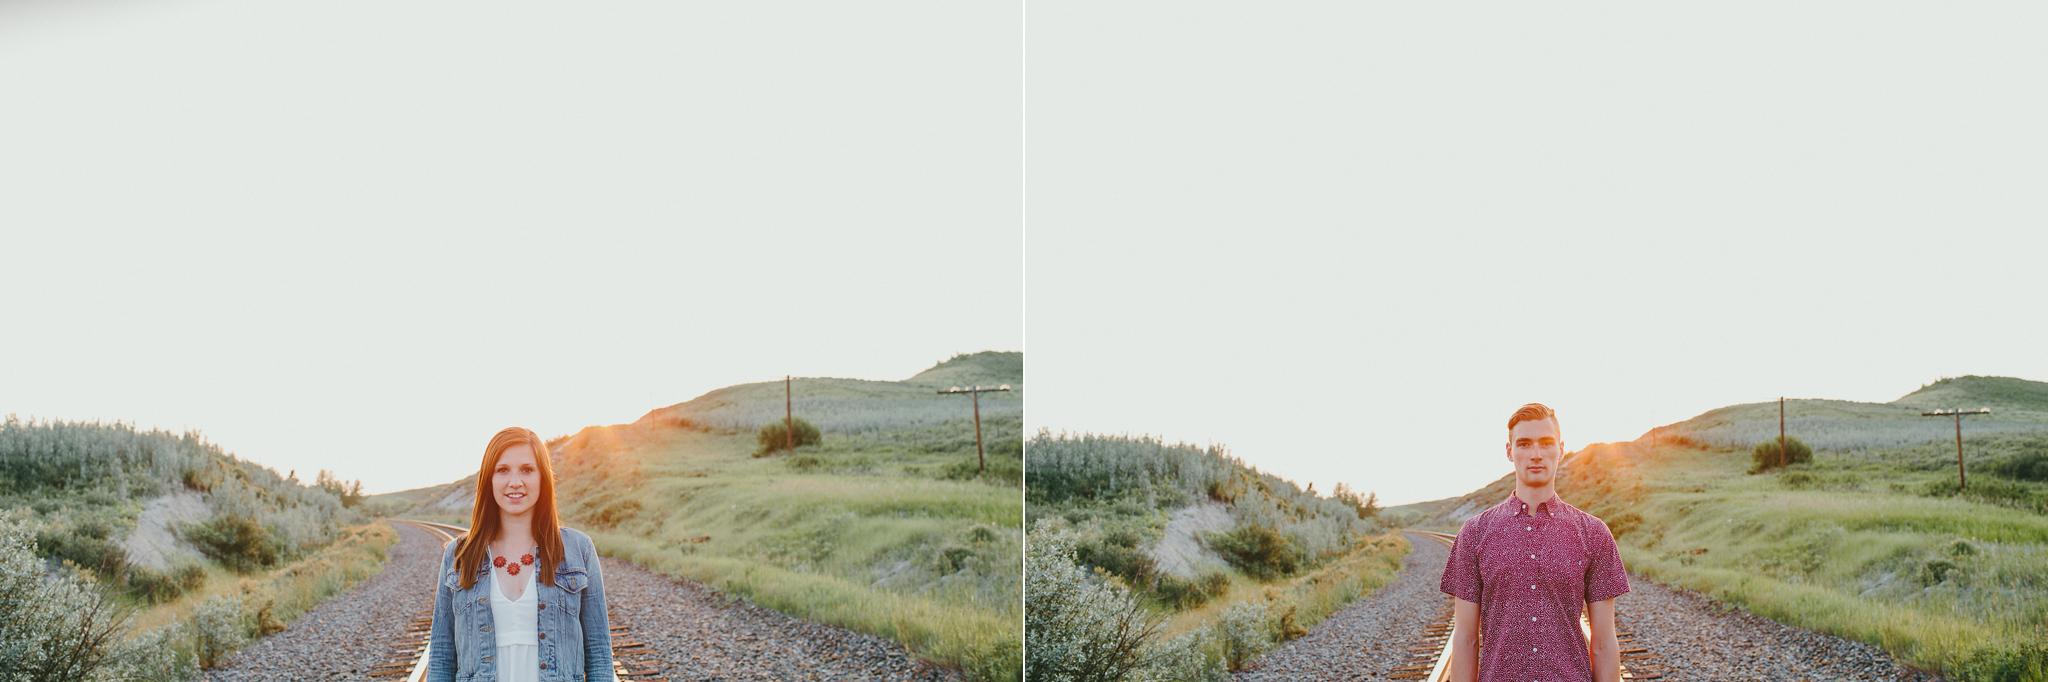 calgary-engagement-photographer020.jpg